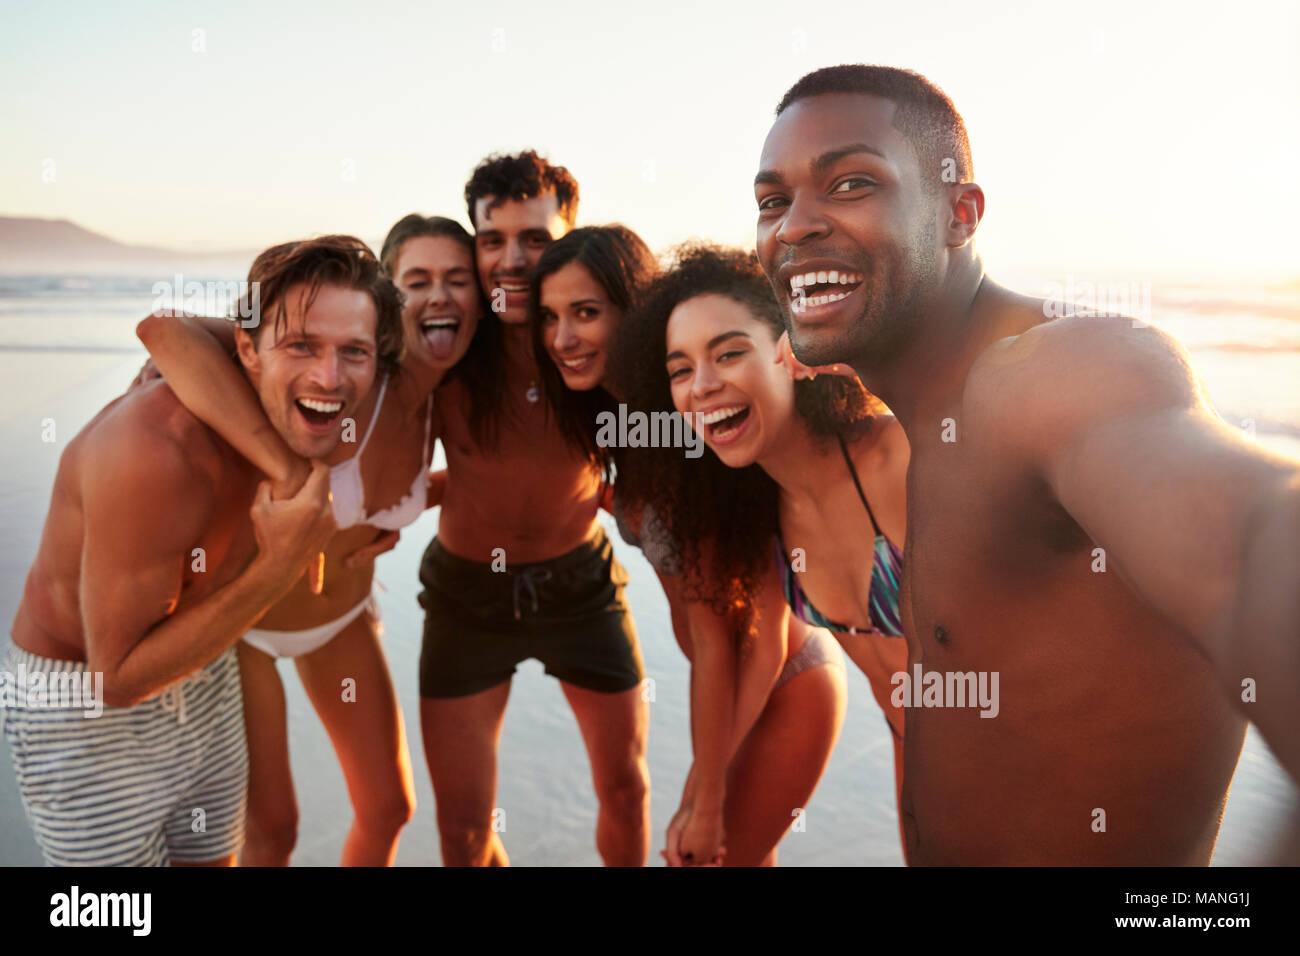 Grupo de Amigos posando para Selfie juntos en vacaciones en la playa Imagen De Stock